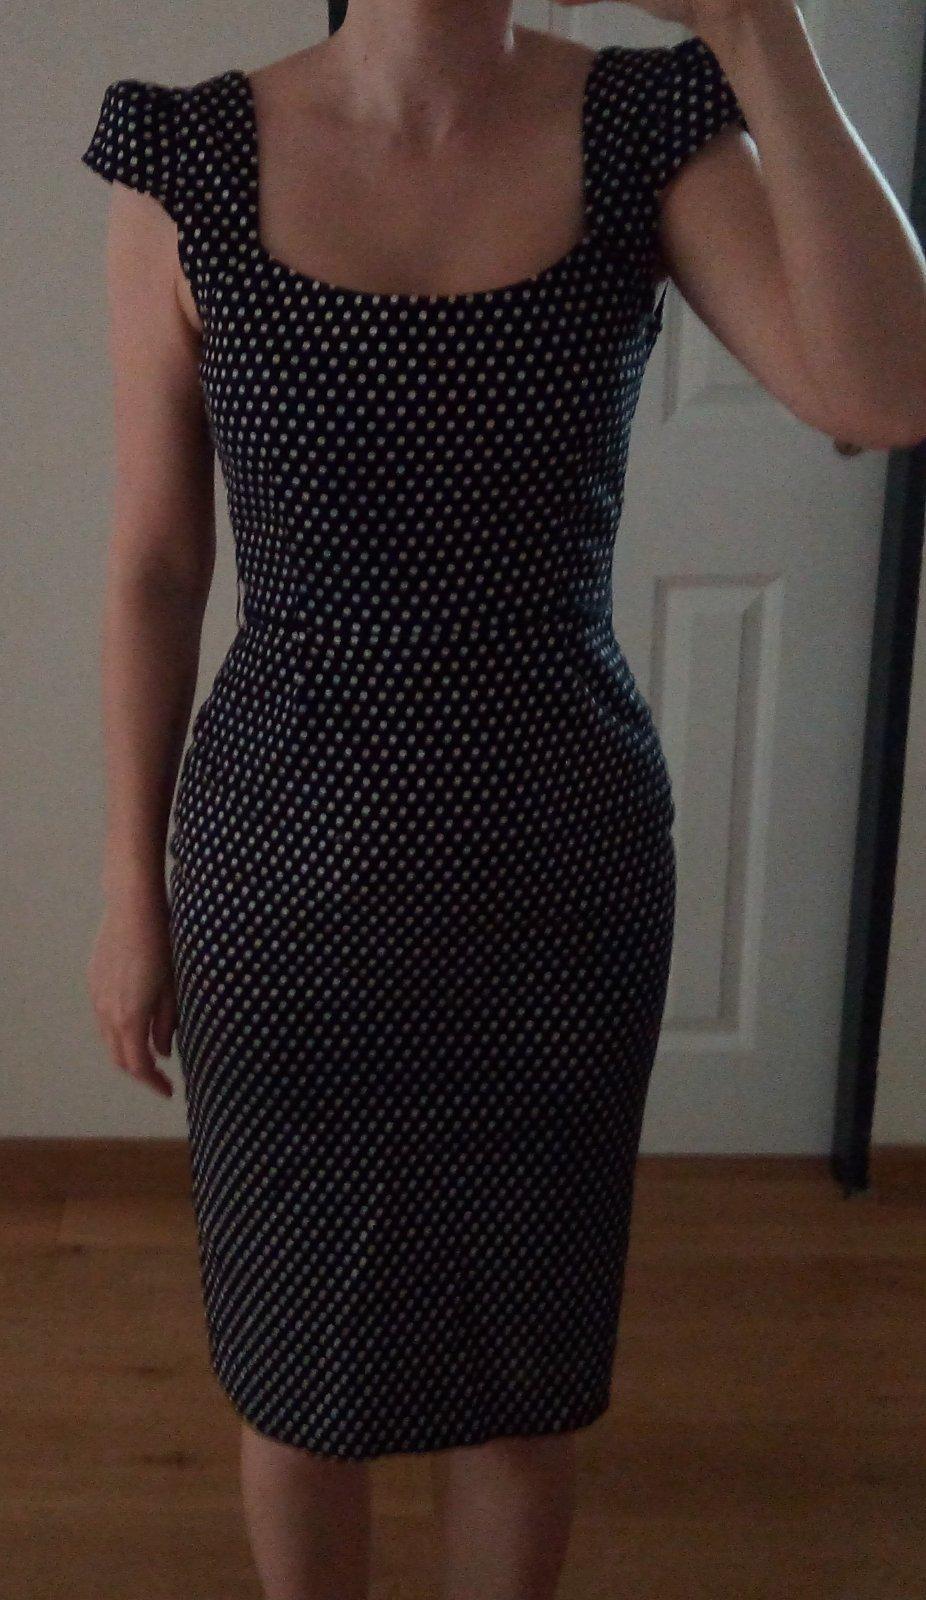 Čierne bodkované šaty XS - Obrázok č. 1